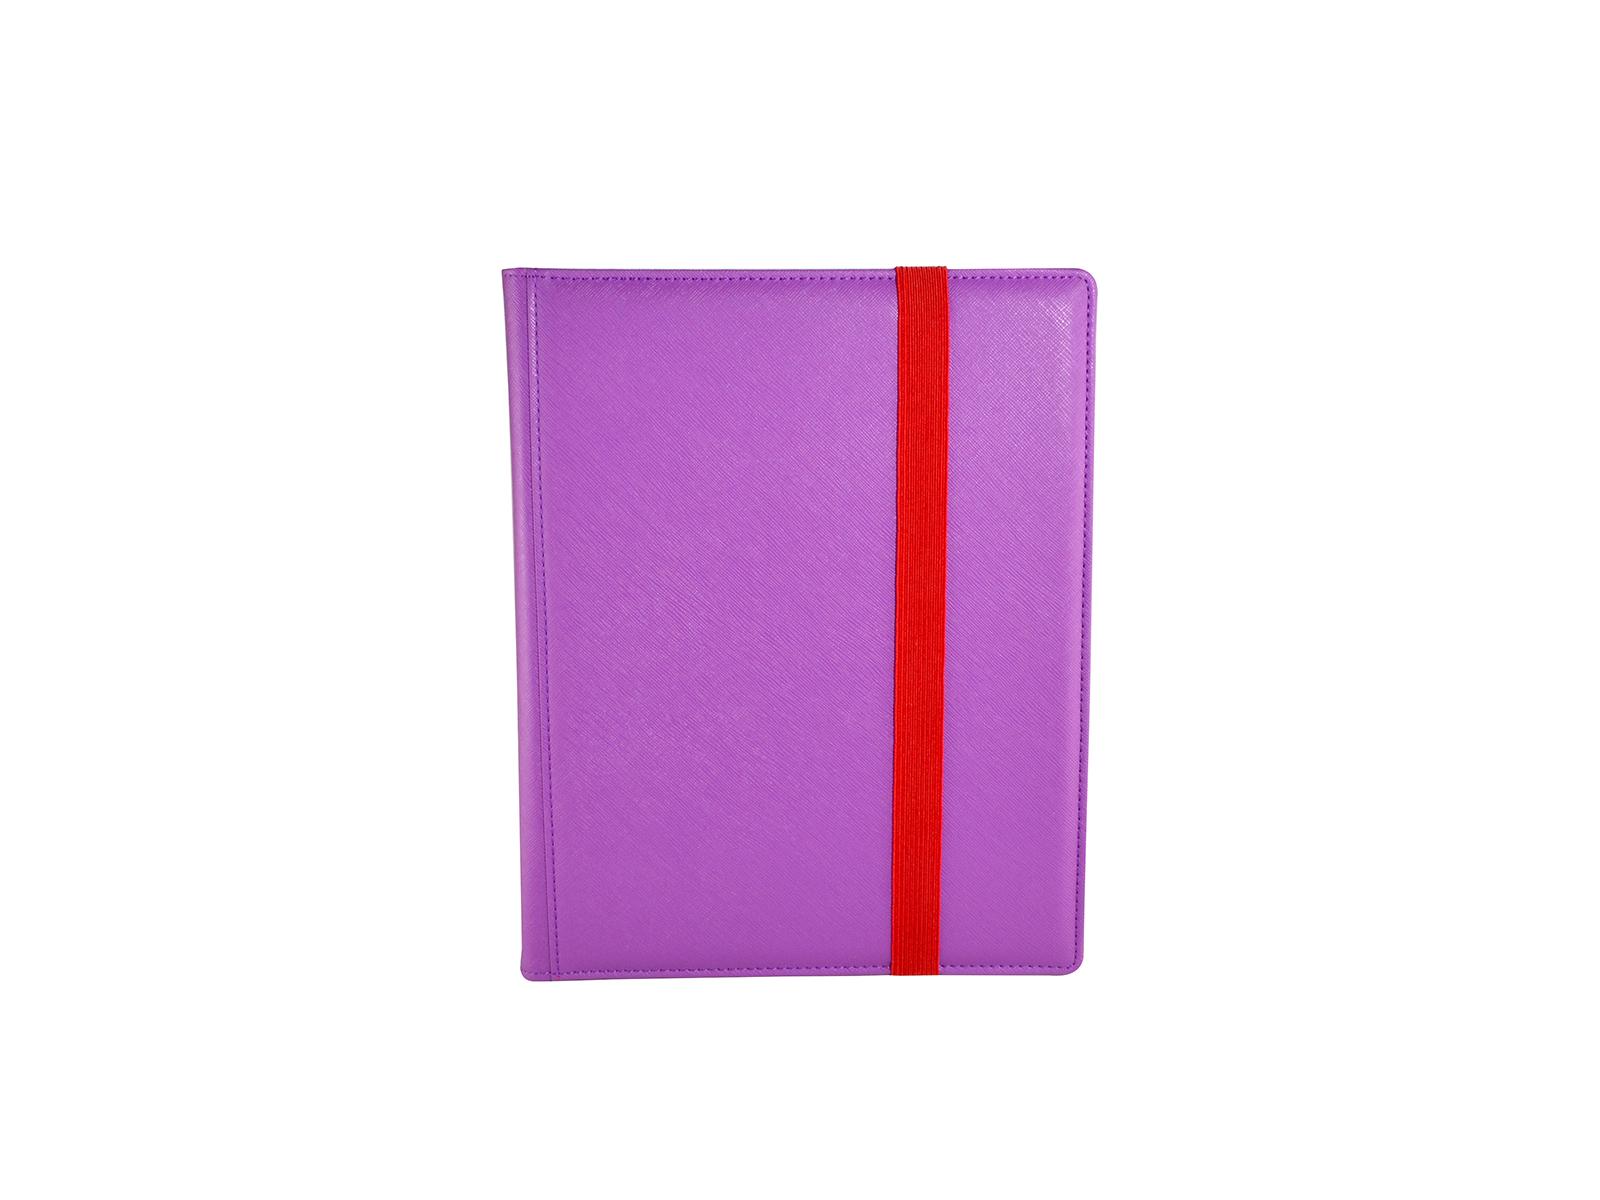 The Dex Binder 9 - Purple